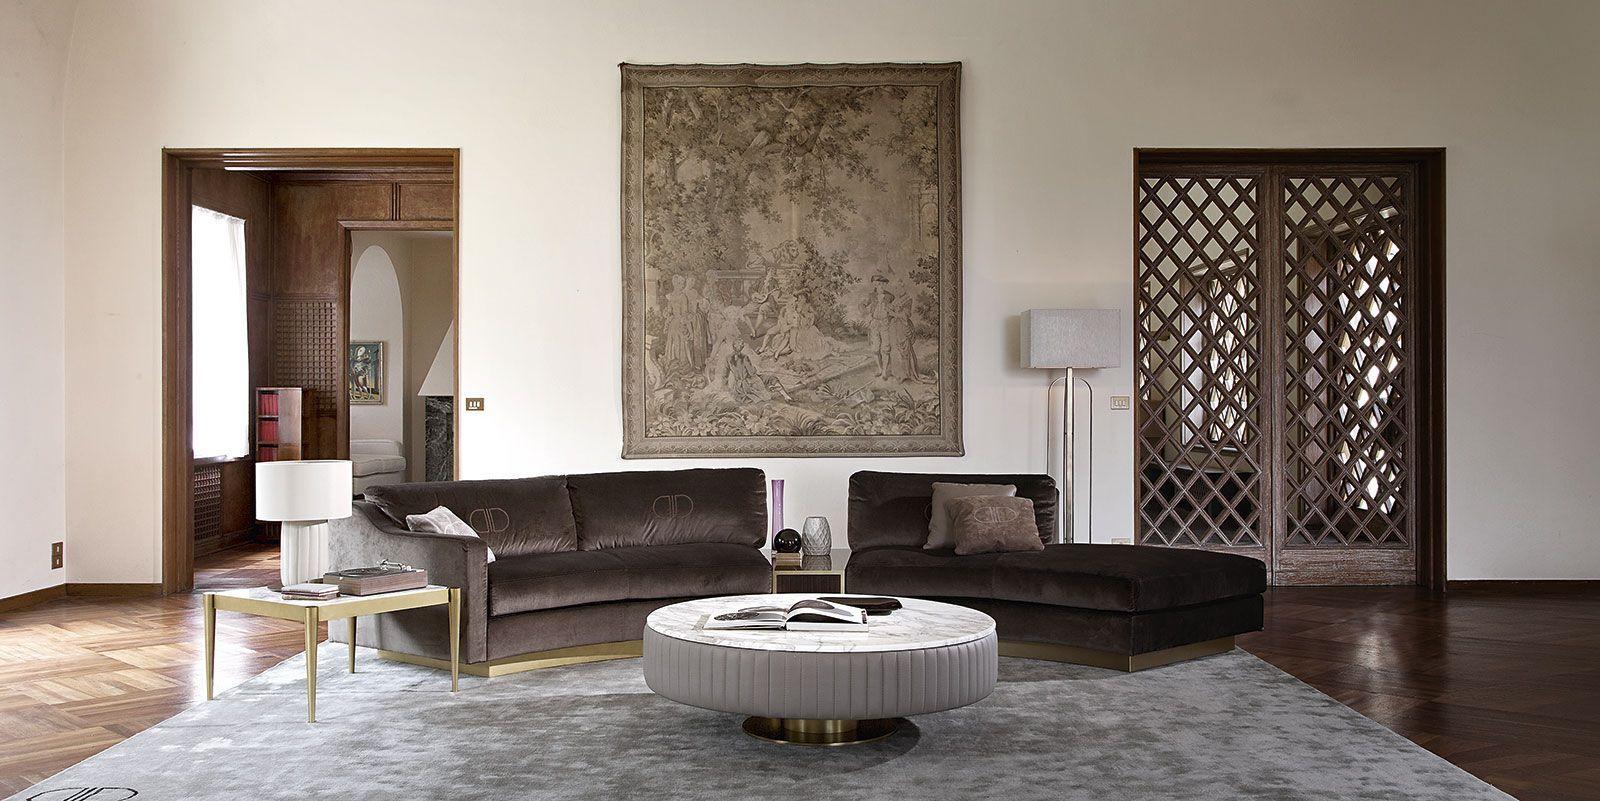 Daytona arredamento contemporaneo moderno di lusso e for Arredamento soggiorno moderno di lusso